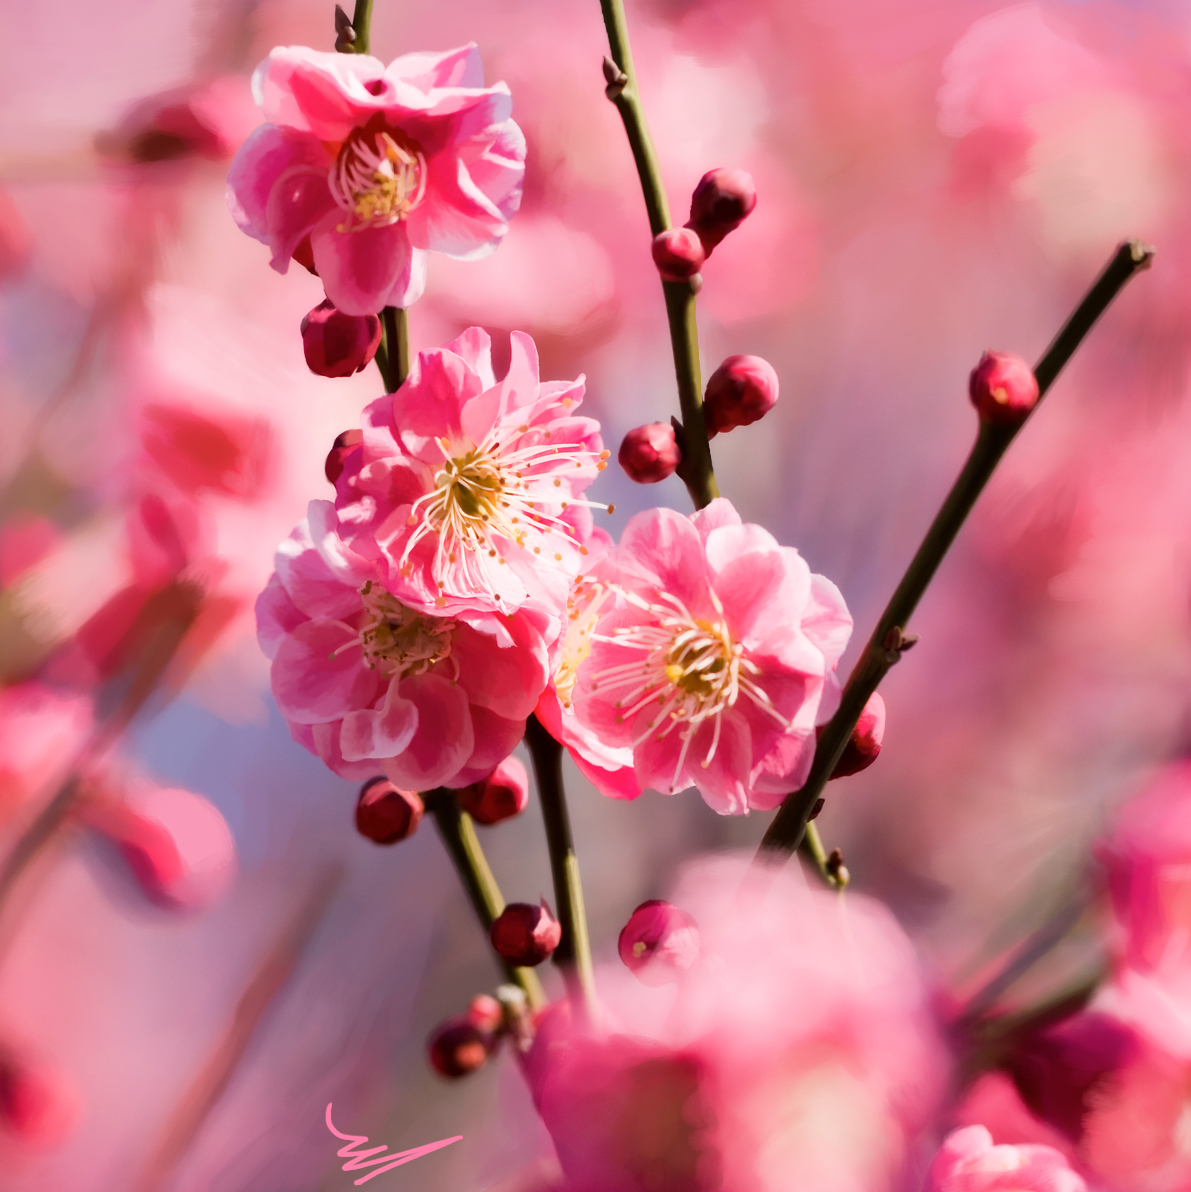 весна, цветы, фото, обои для рабочего стола, flower, spring